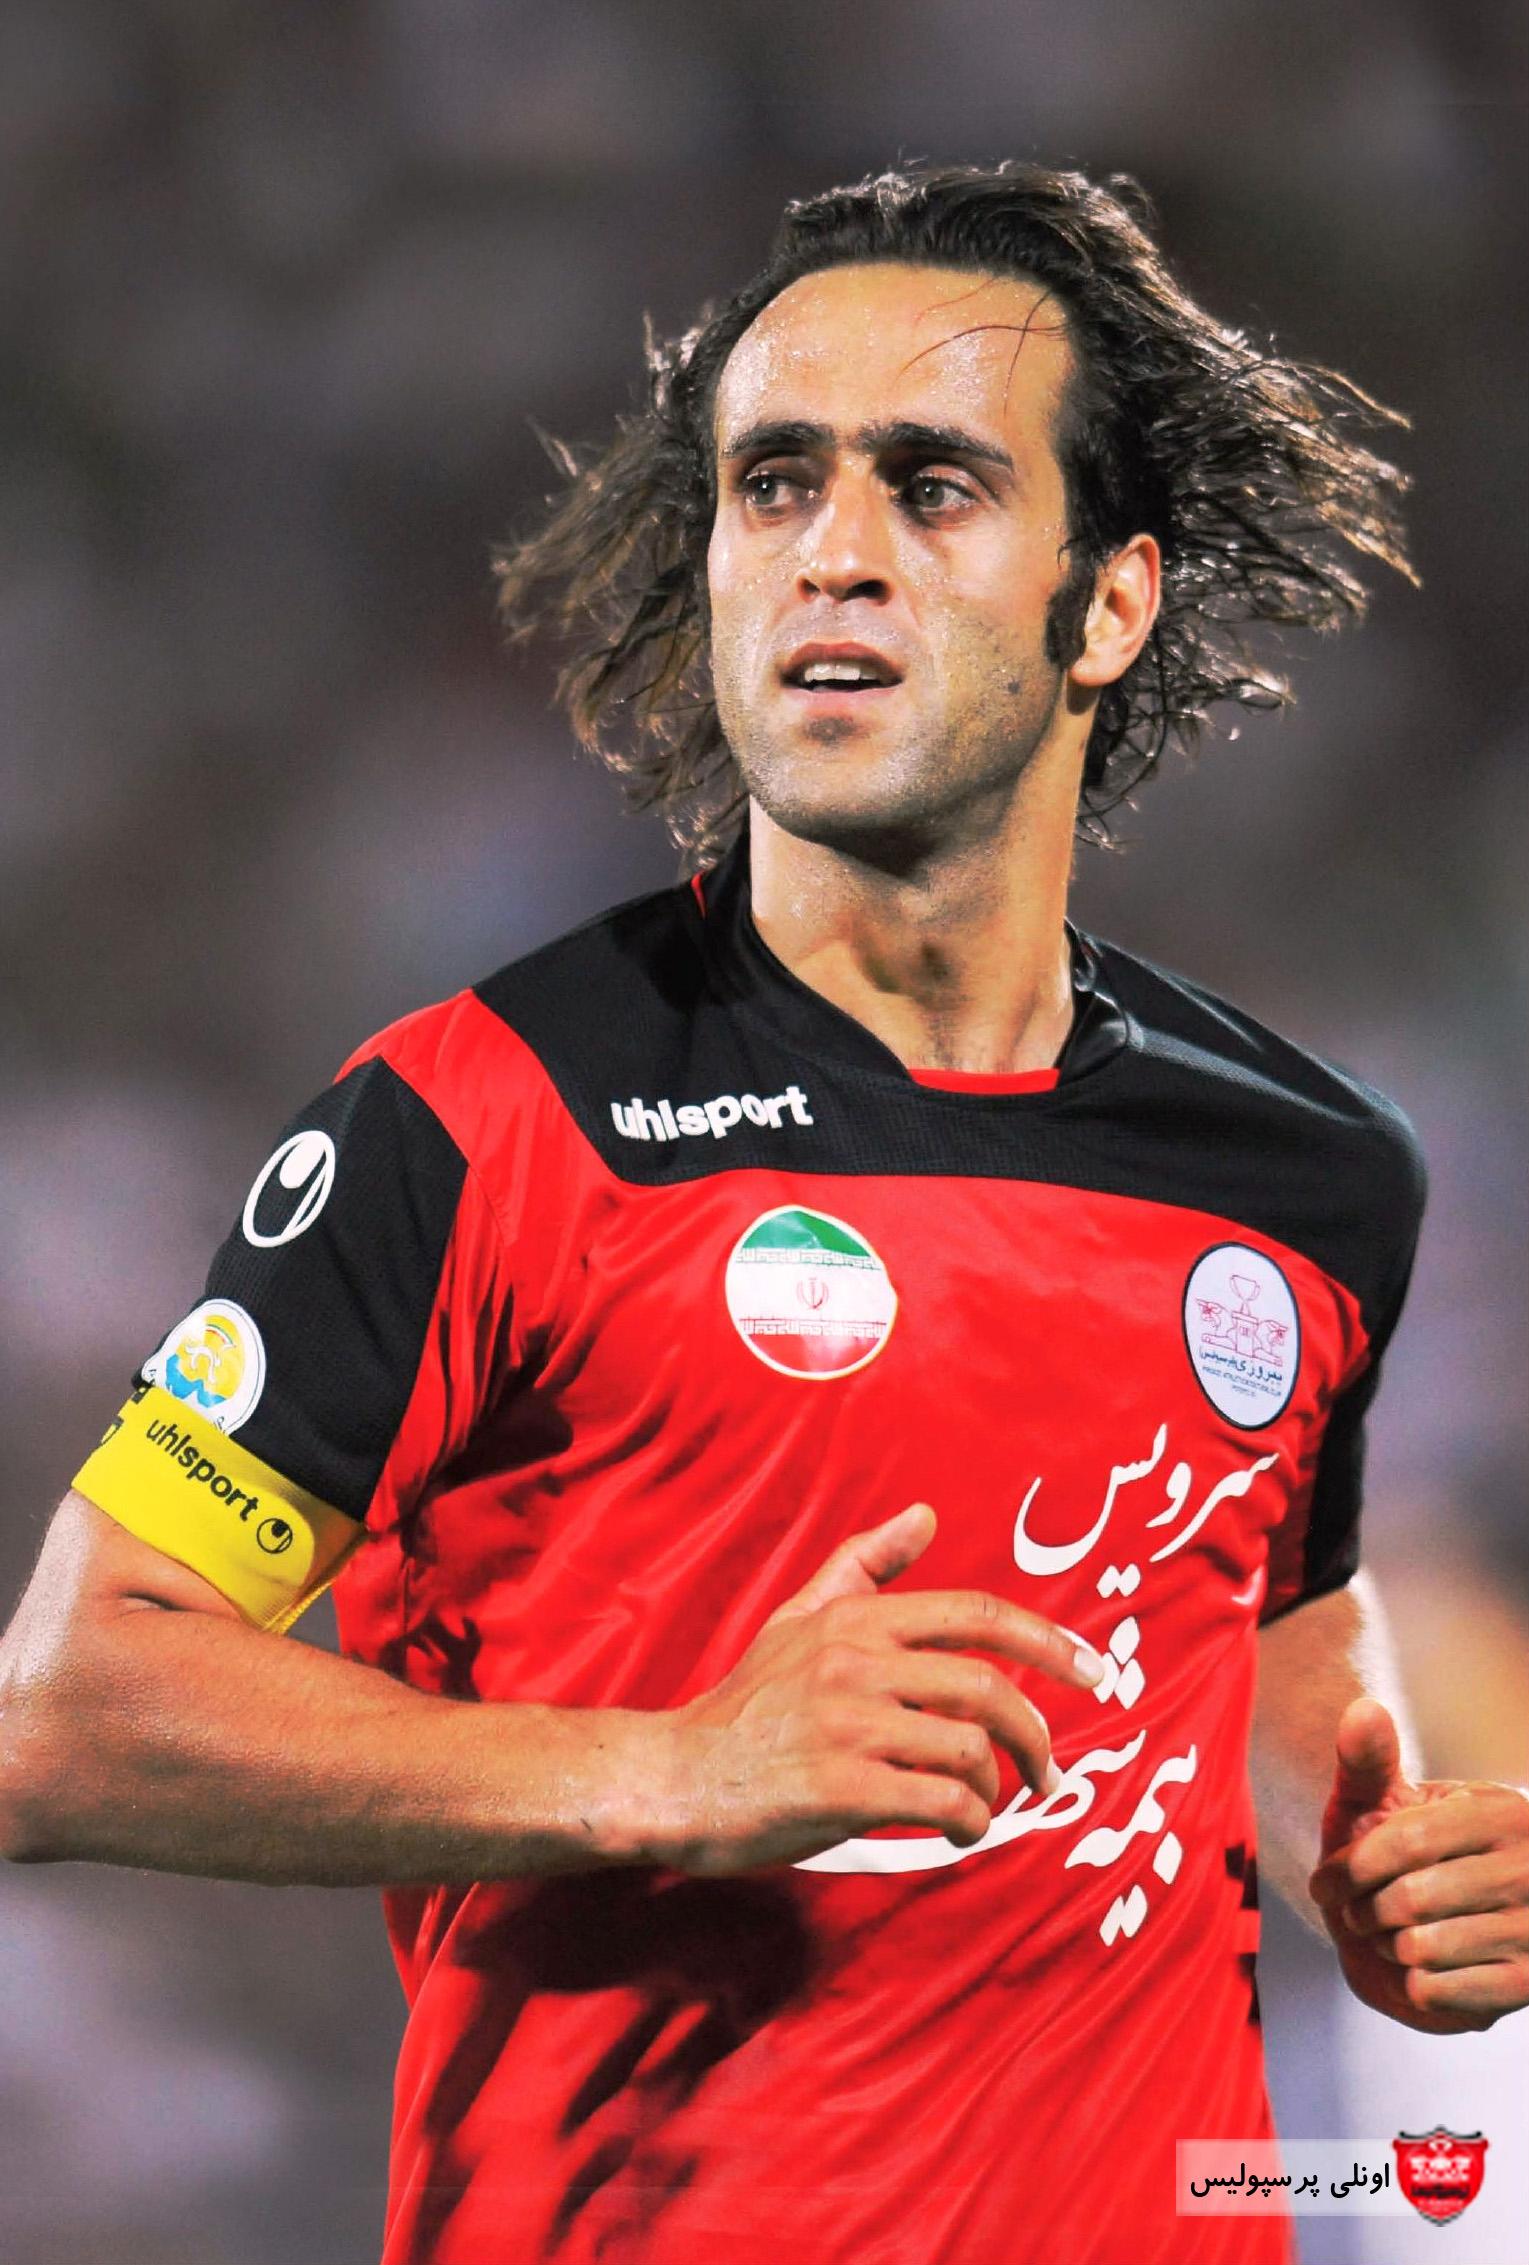 متن نامه خداحافظی علی کریمی از فوتبال